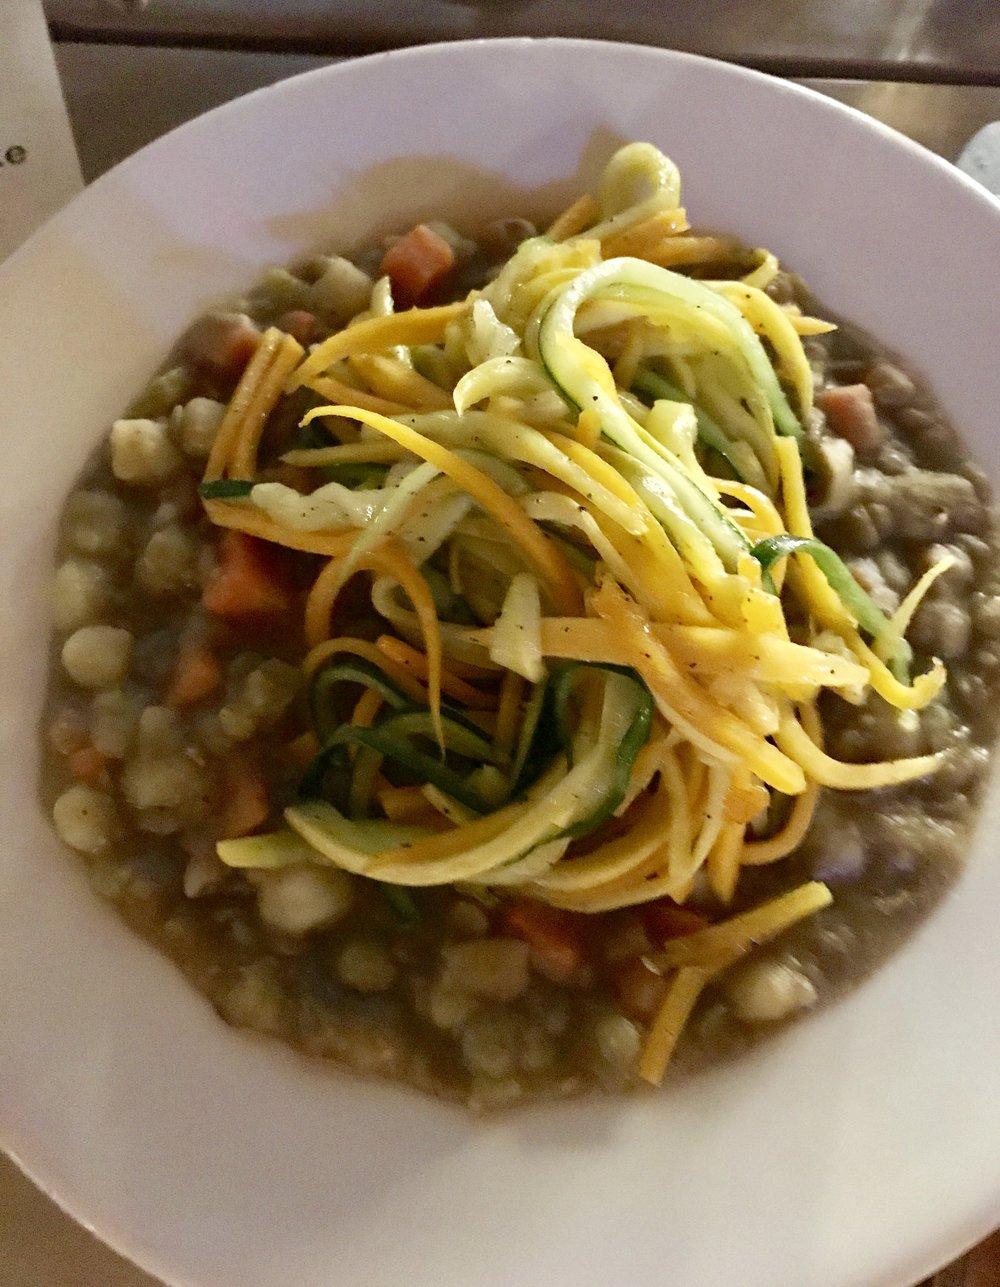 Chef Allen Susser Farm to Table Spaghetti squash